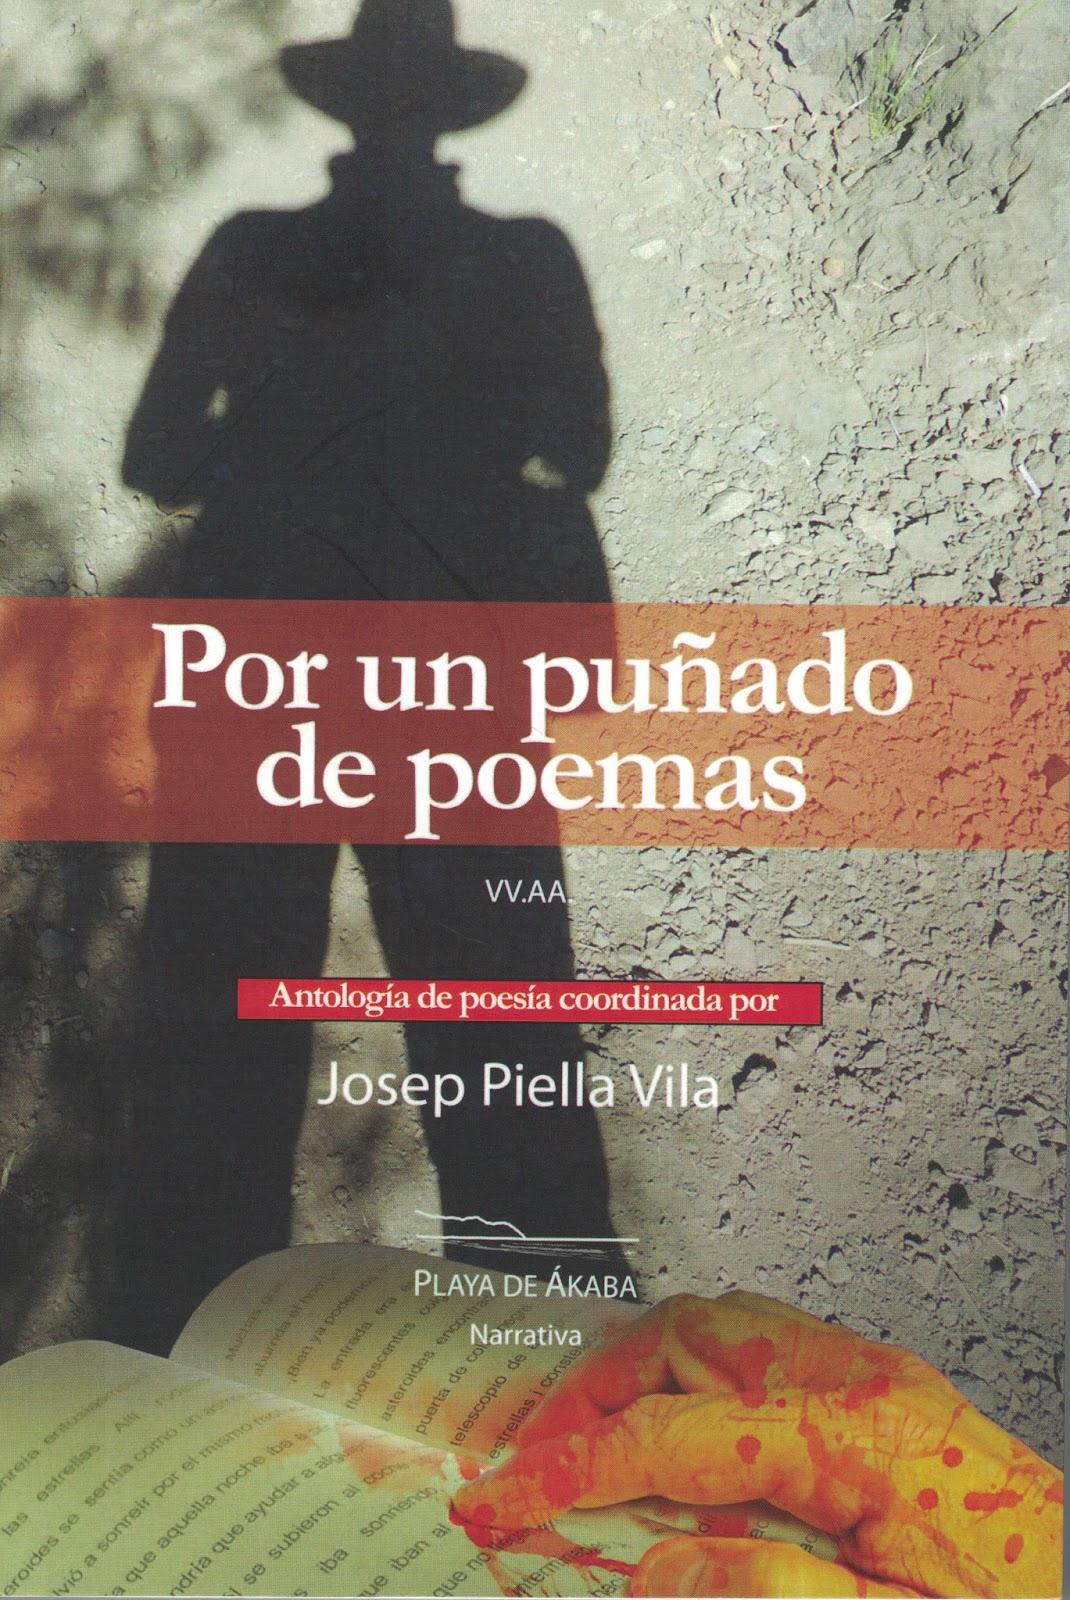 POR UN PUÑADO DE POEMAS Coordina JOSEP PIELLA